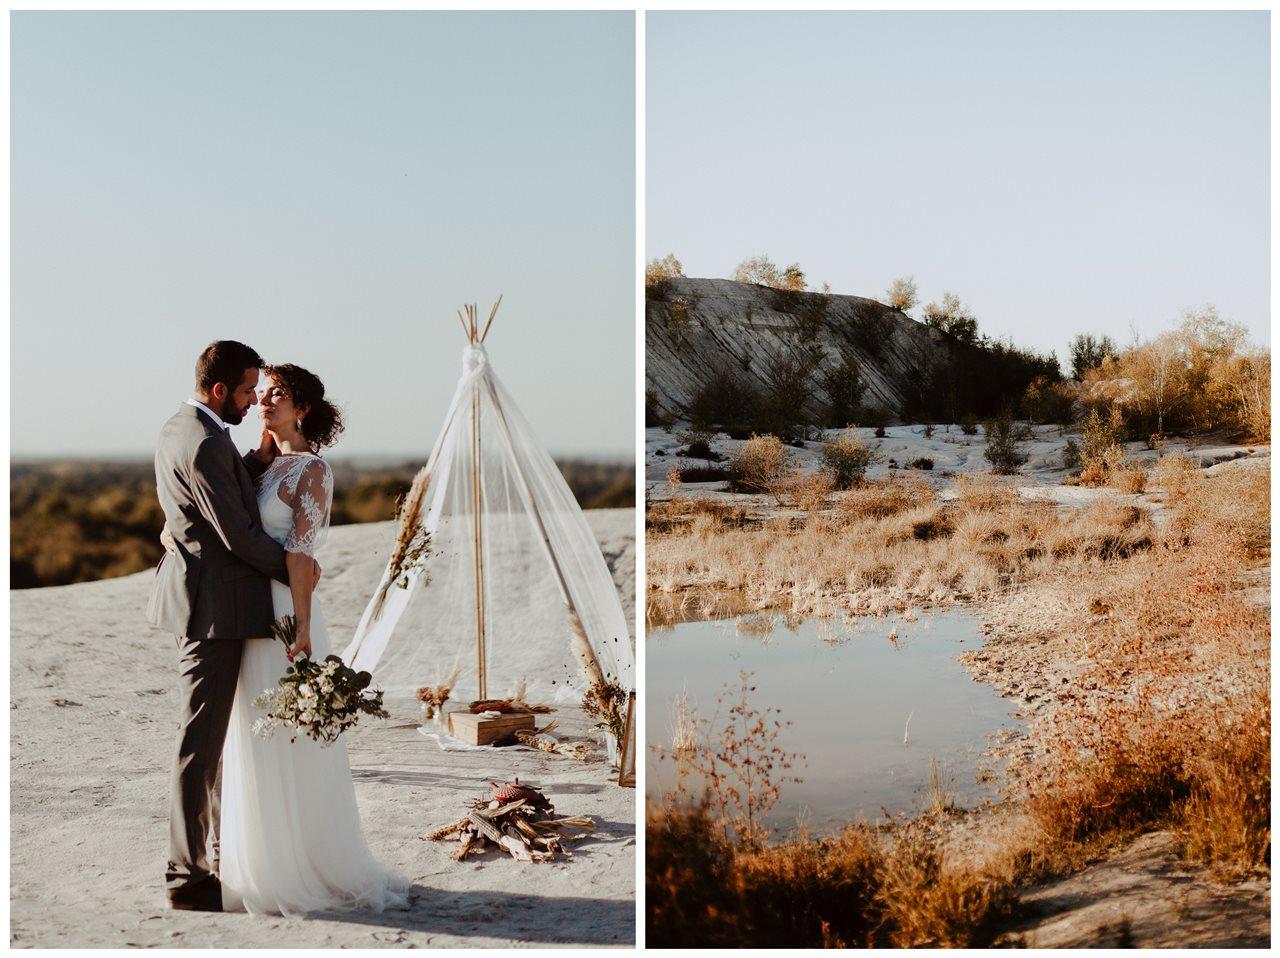 mariage nude désert bisou mariés cérémonie laïque paysage